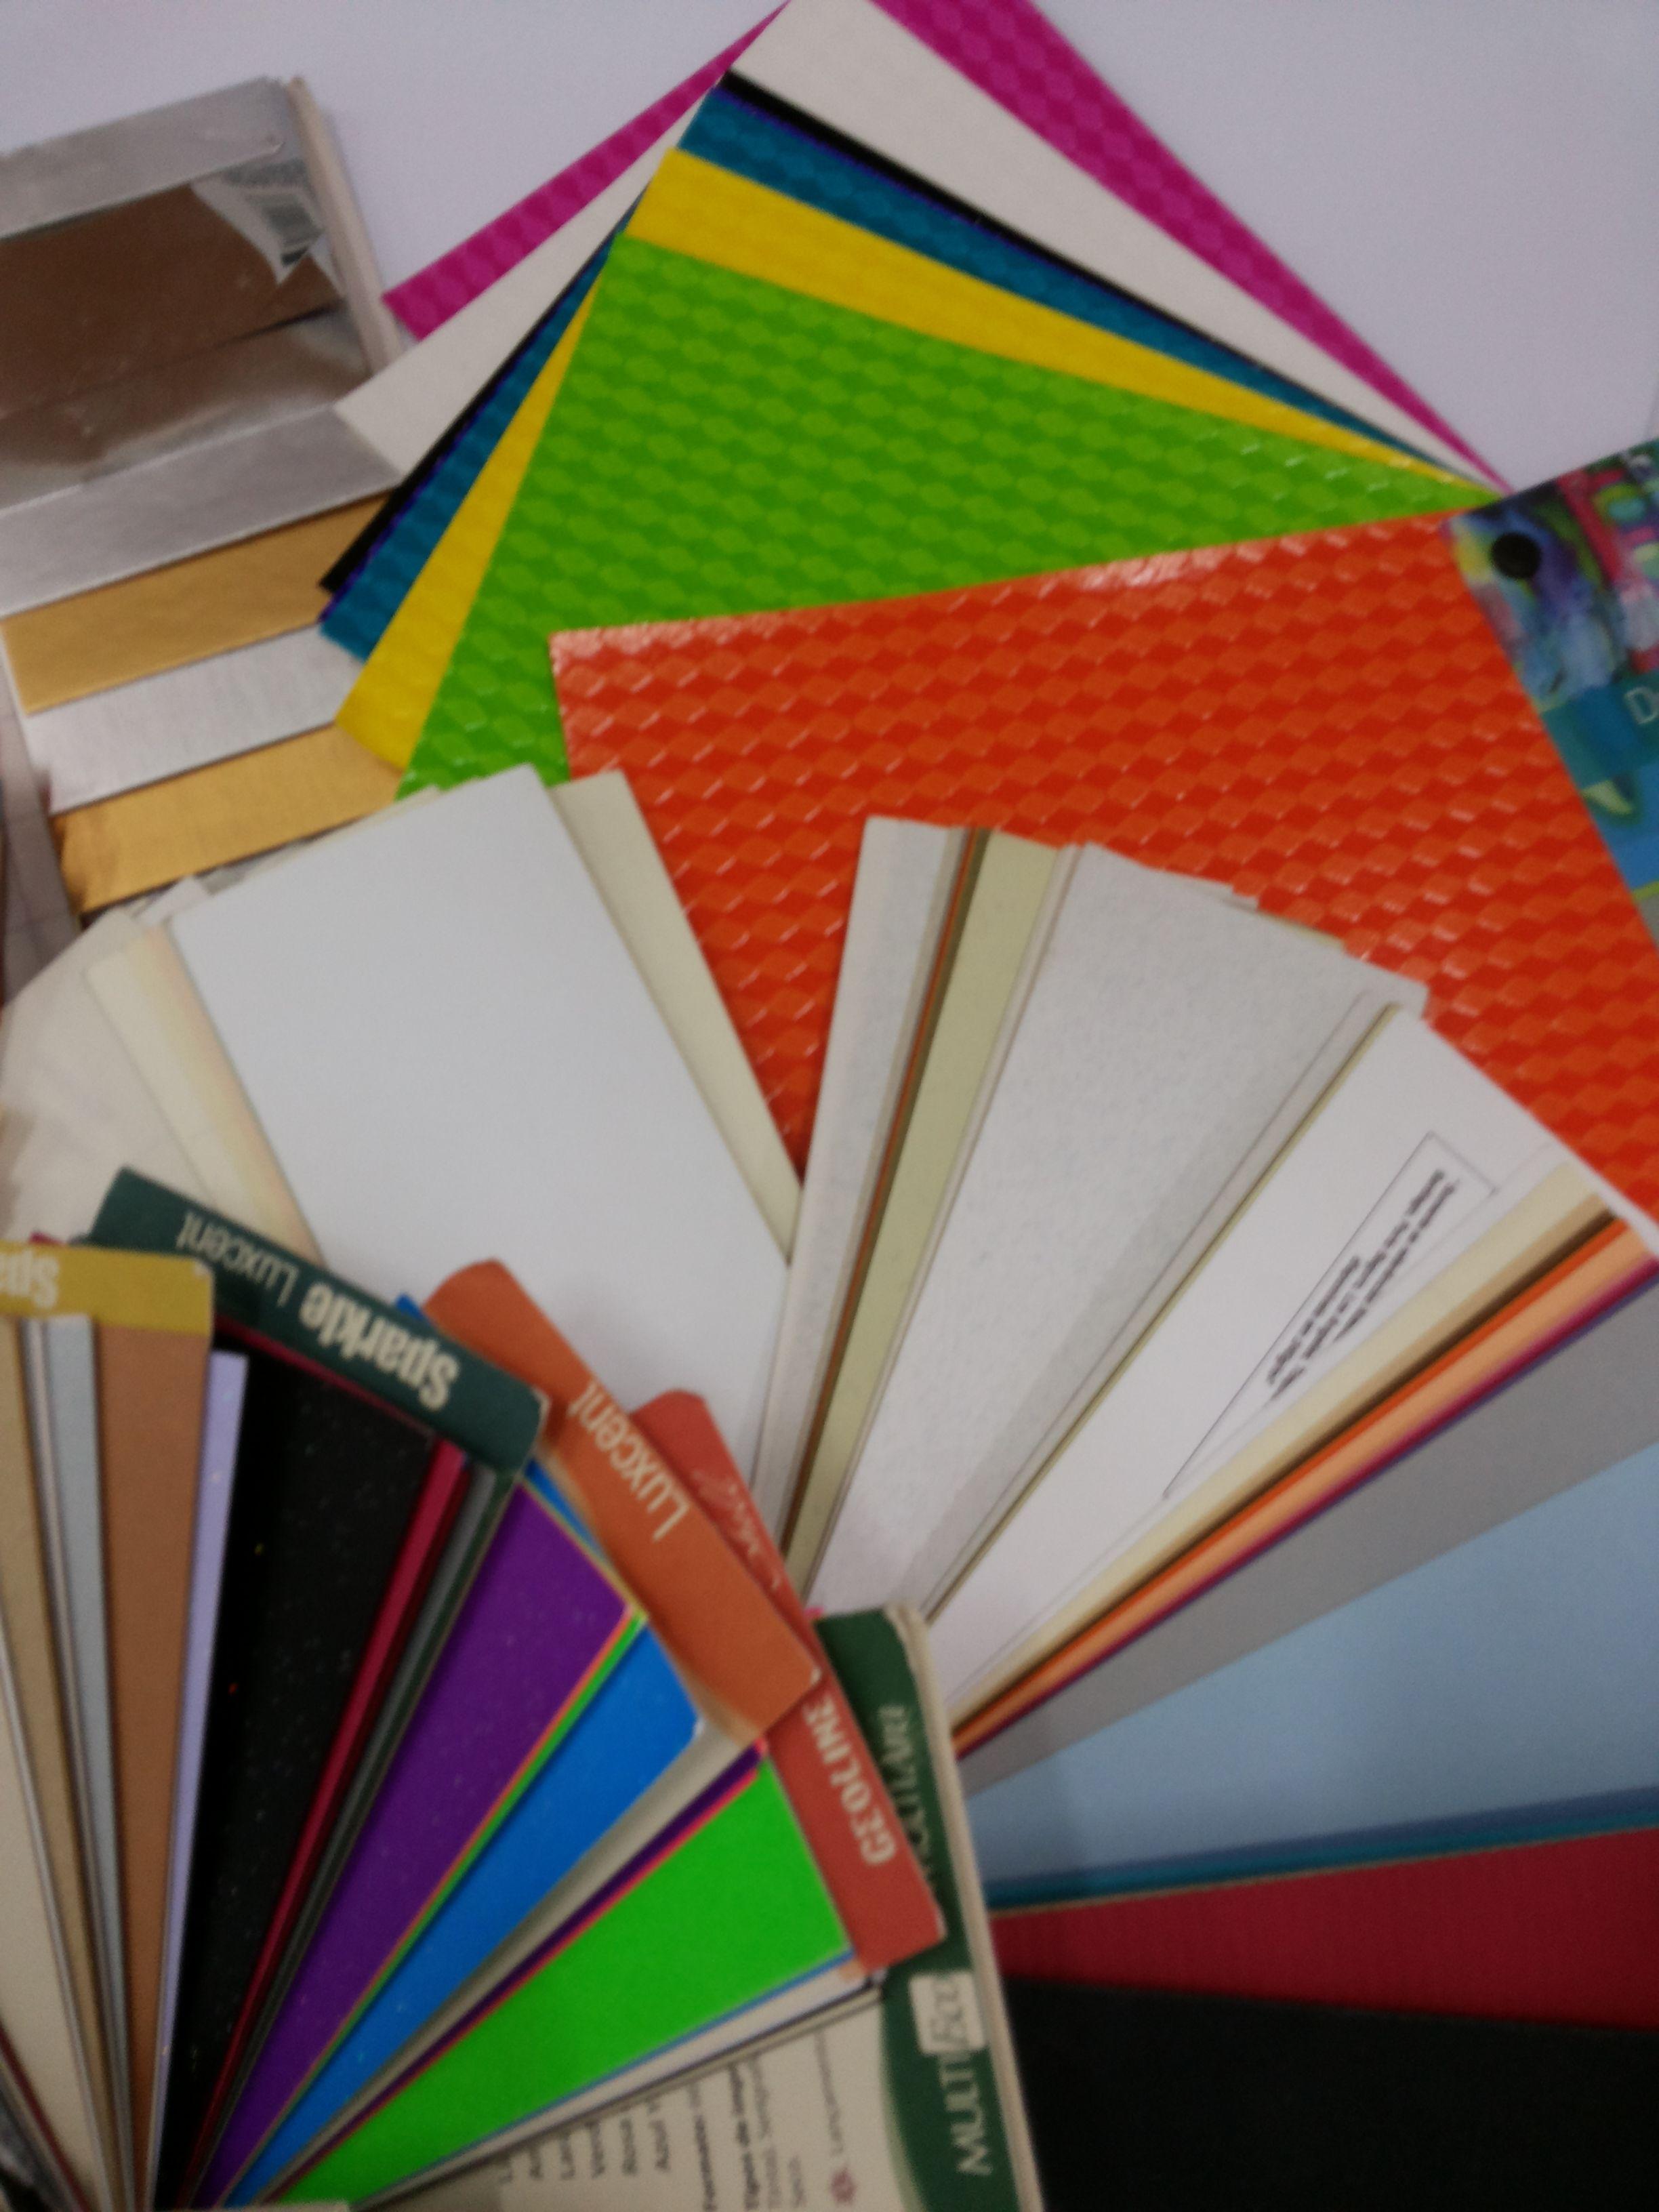 Já escolheu a cor e o tipo de papel para sua embalagem? Ainda não!!!!! Então corre e vem falar com a gente, ainda dá tempo pro dia dos pais!! -SeeYou-